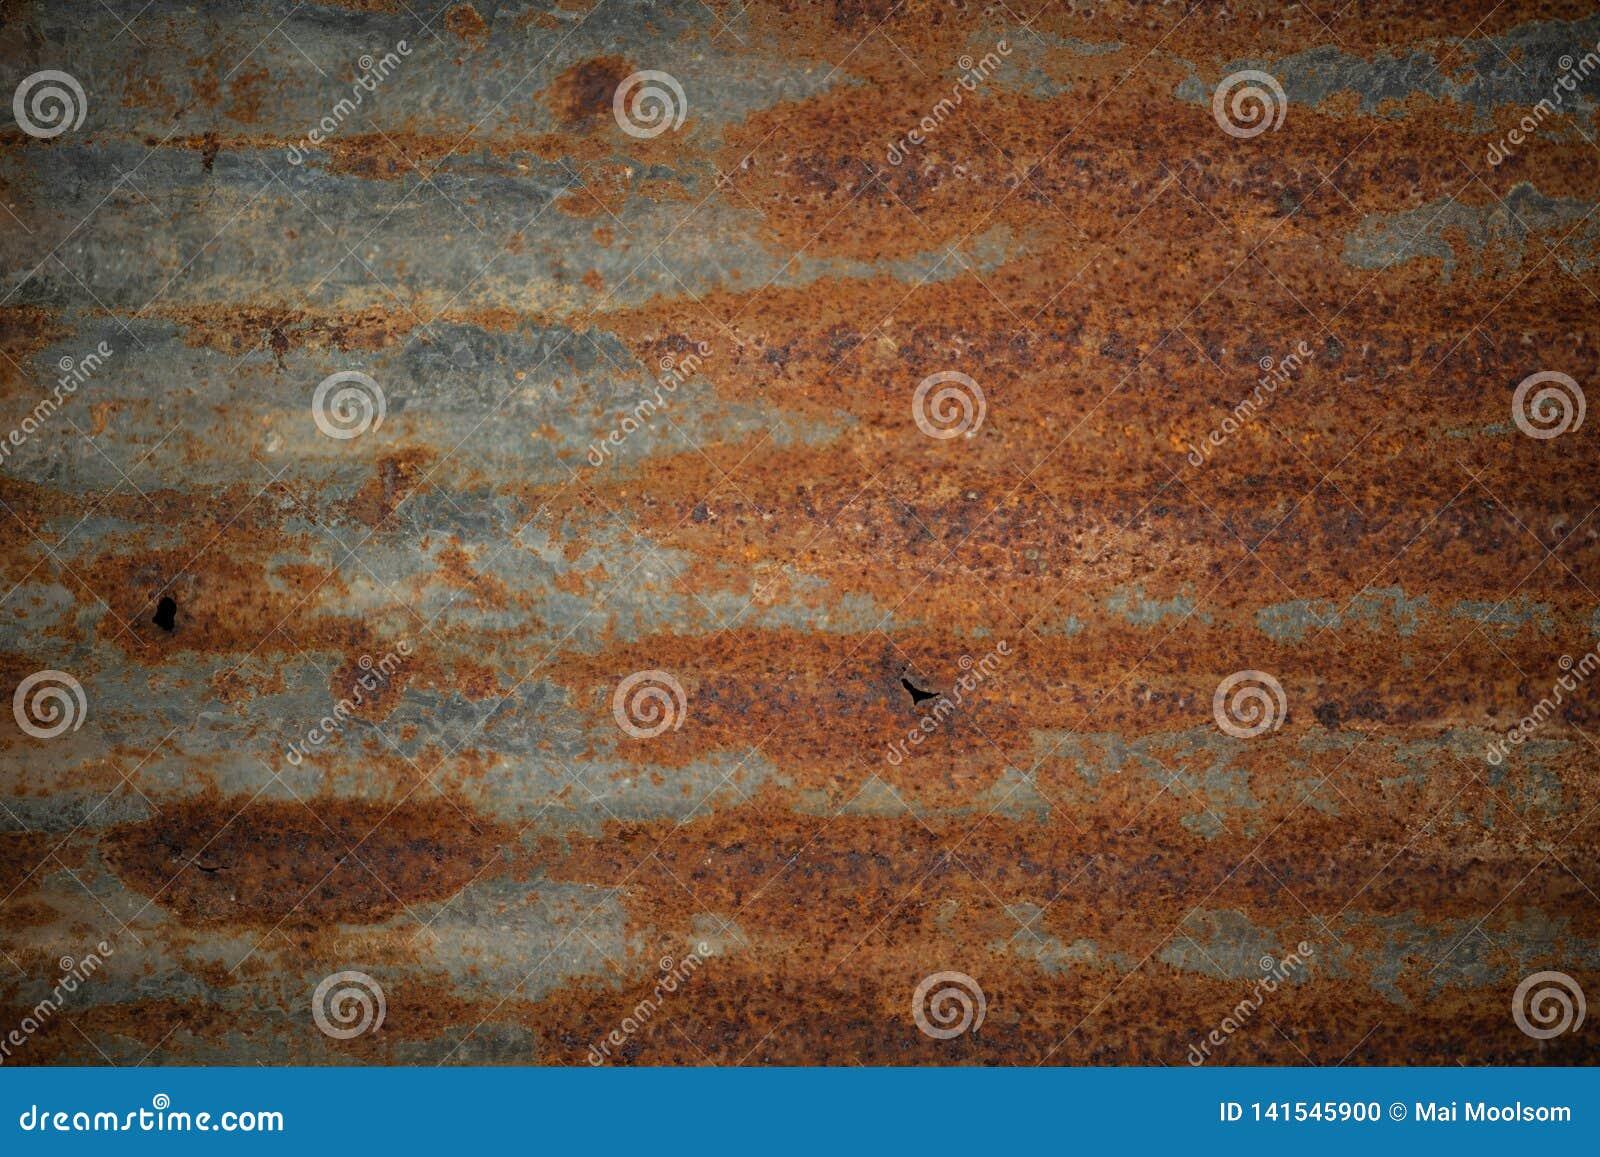 Abstracte textuur en oud geroest gegalvaniseerd ijzerblad gebruik voor achtergrond